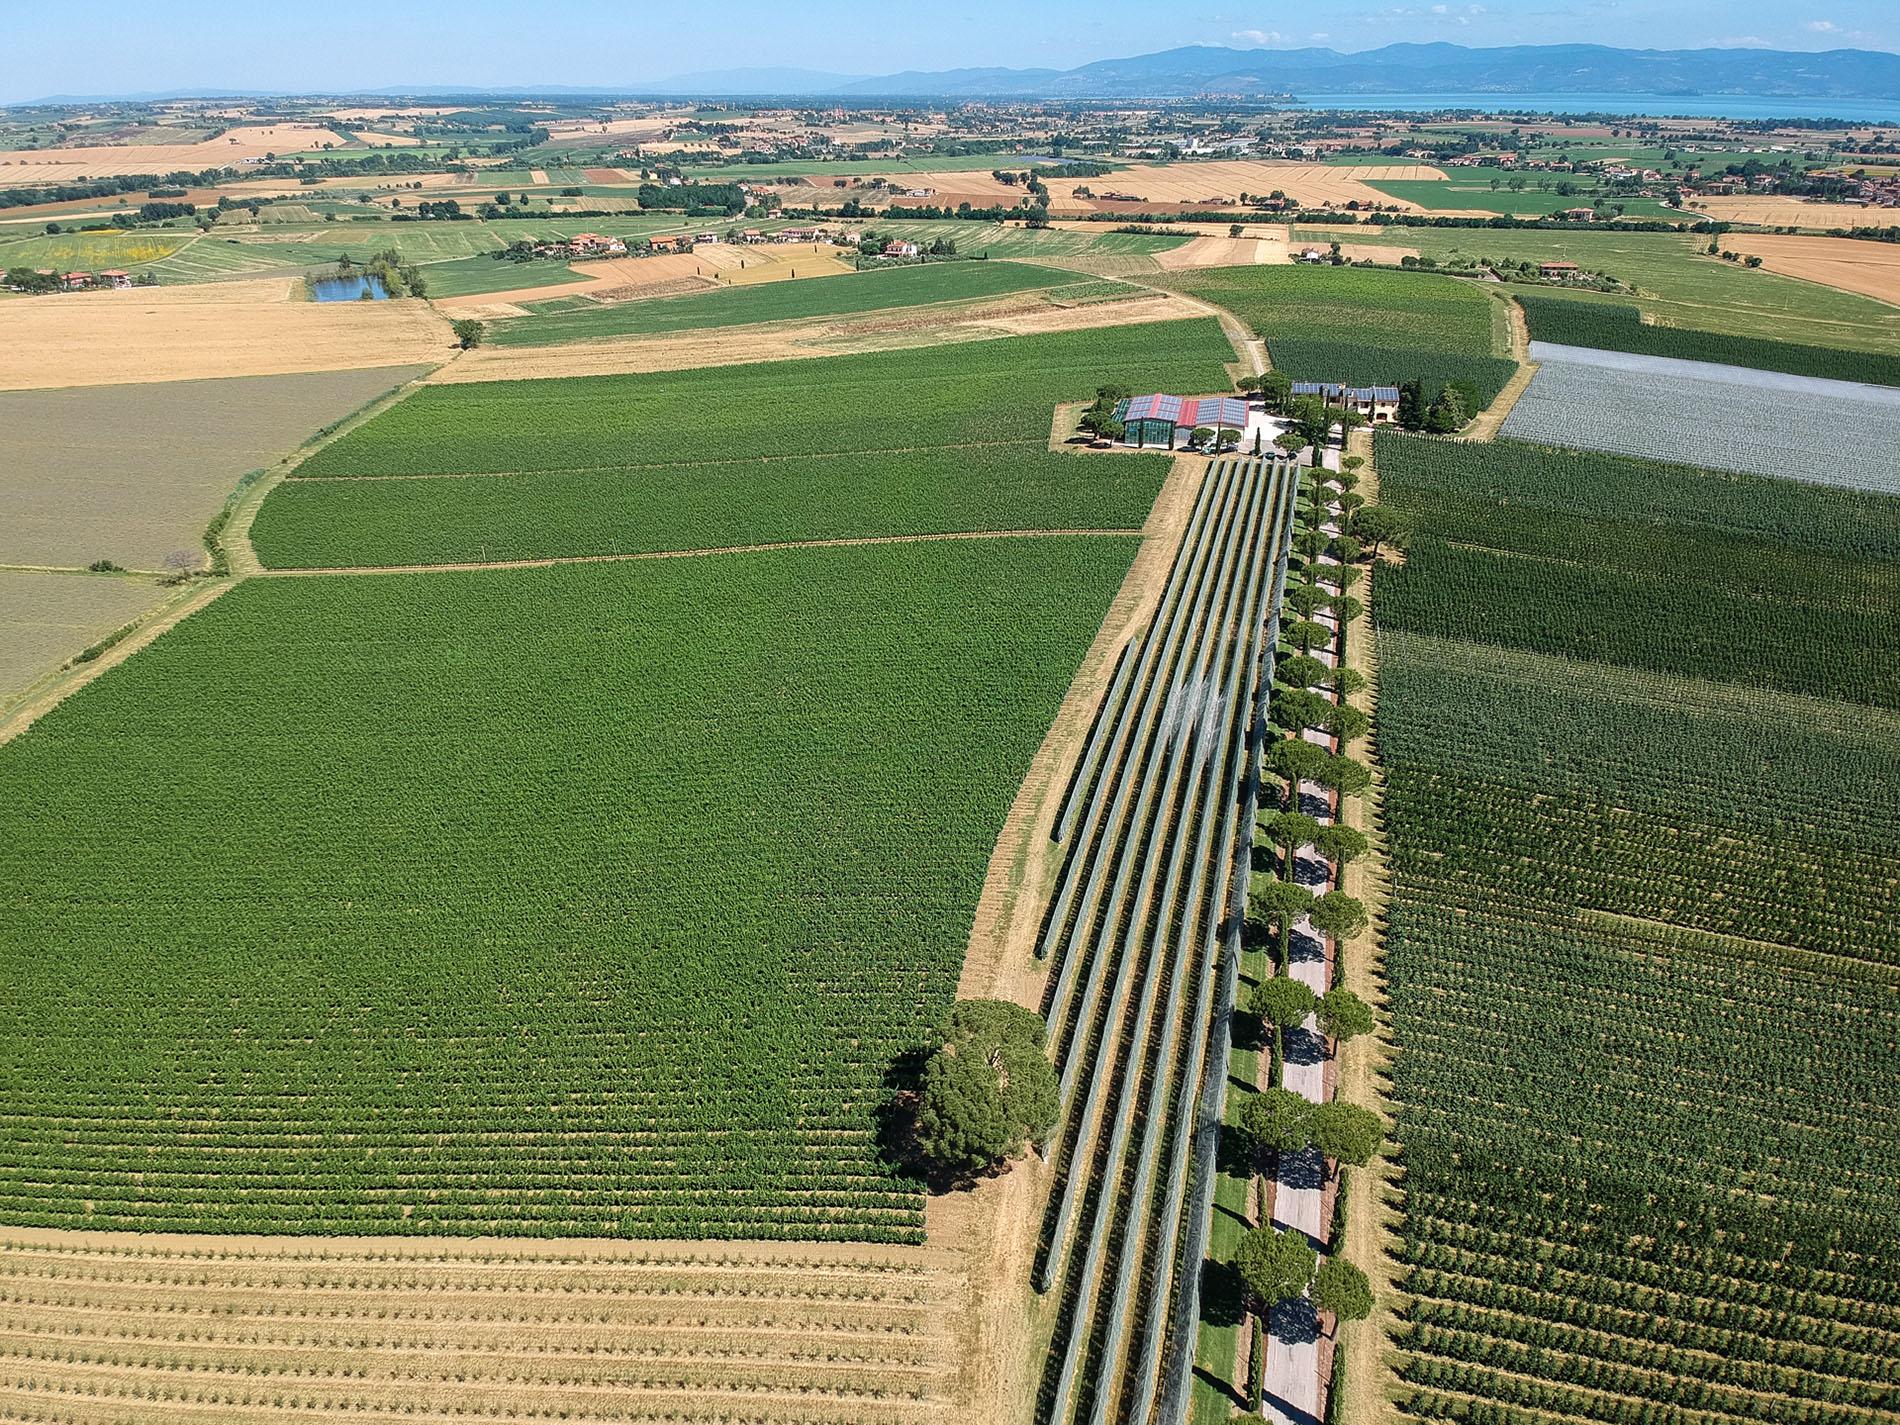 Azienda Agricola Collazzone - La Saporita a Paciano: il frutteto